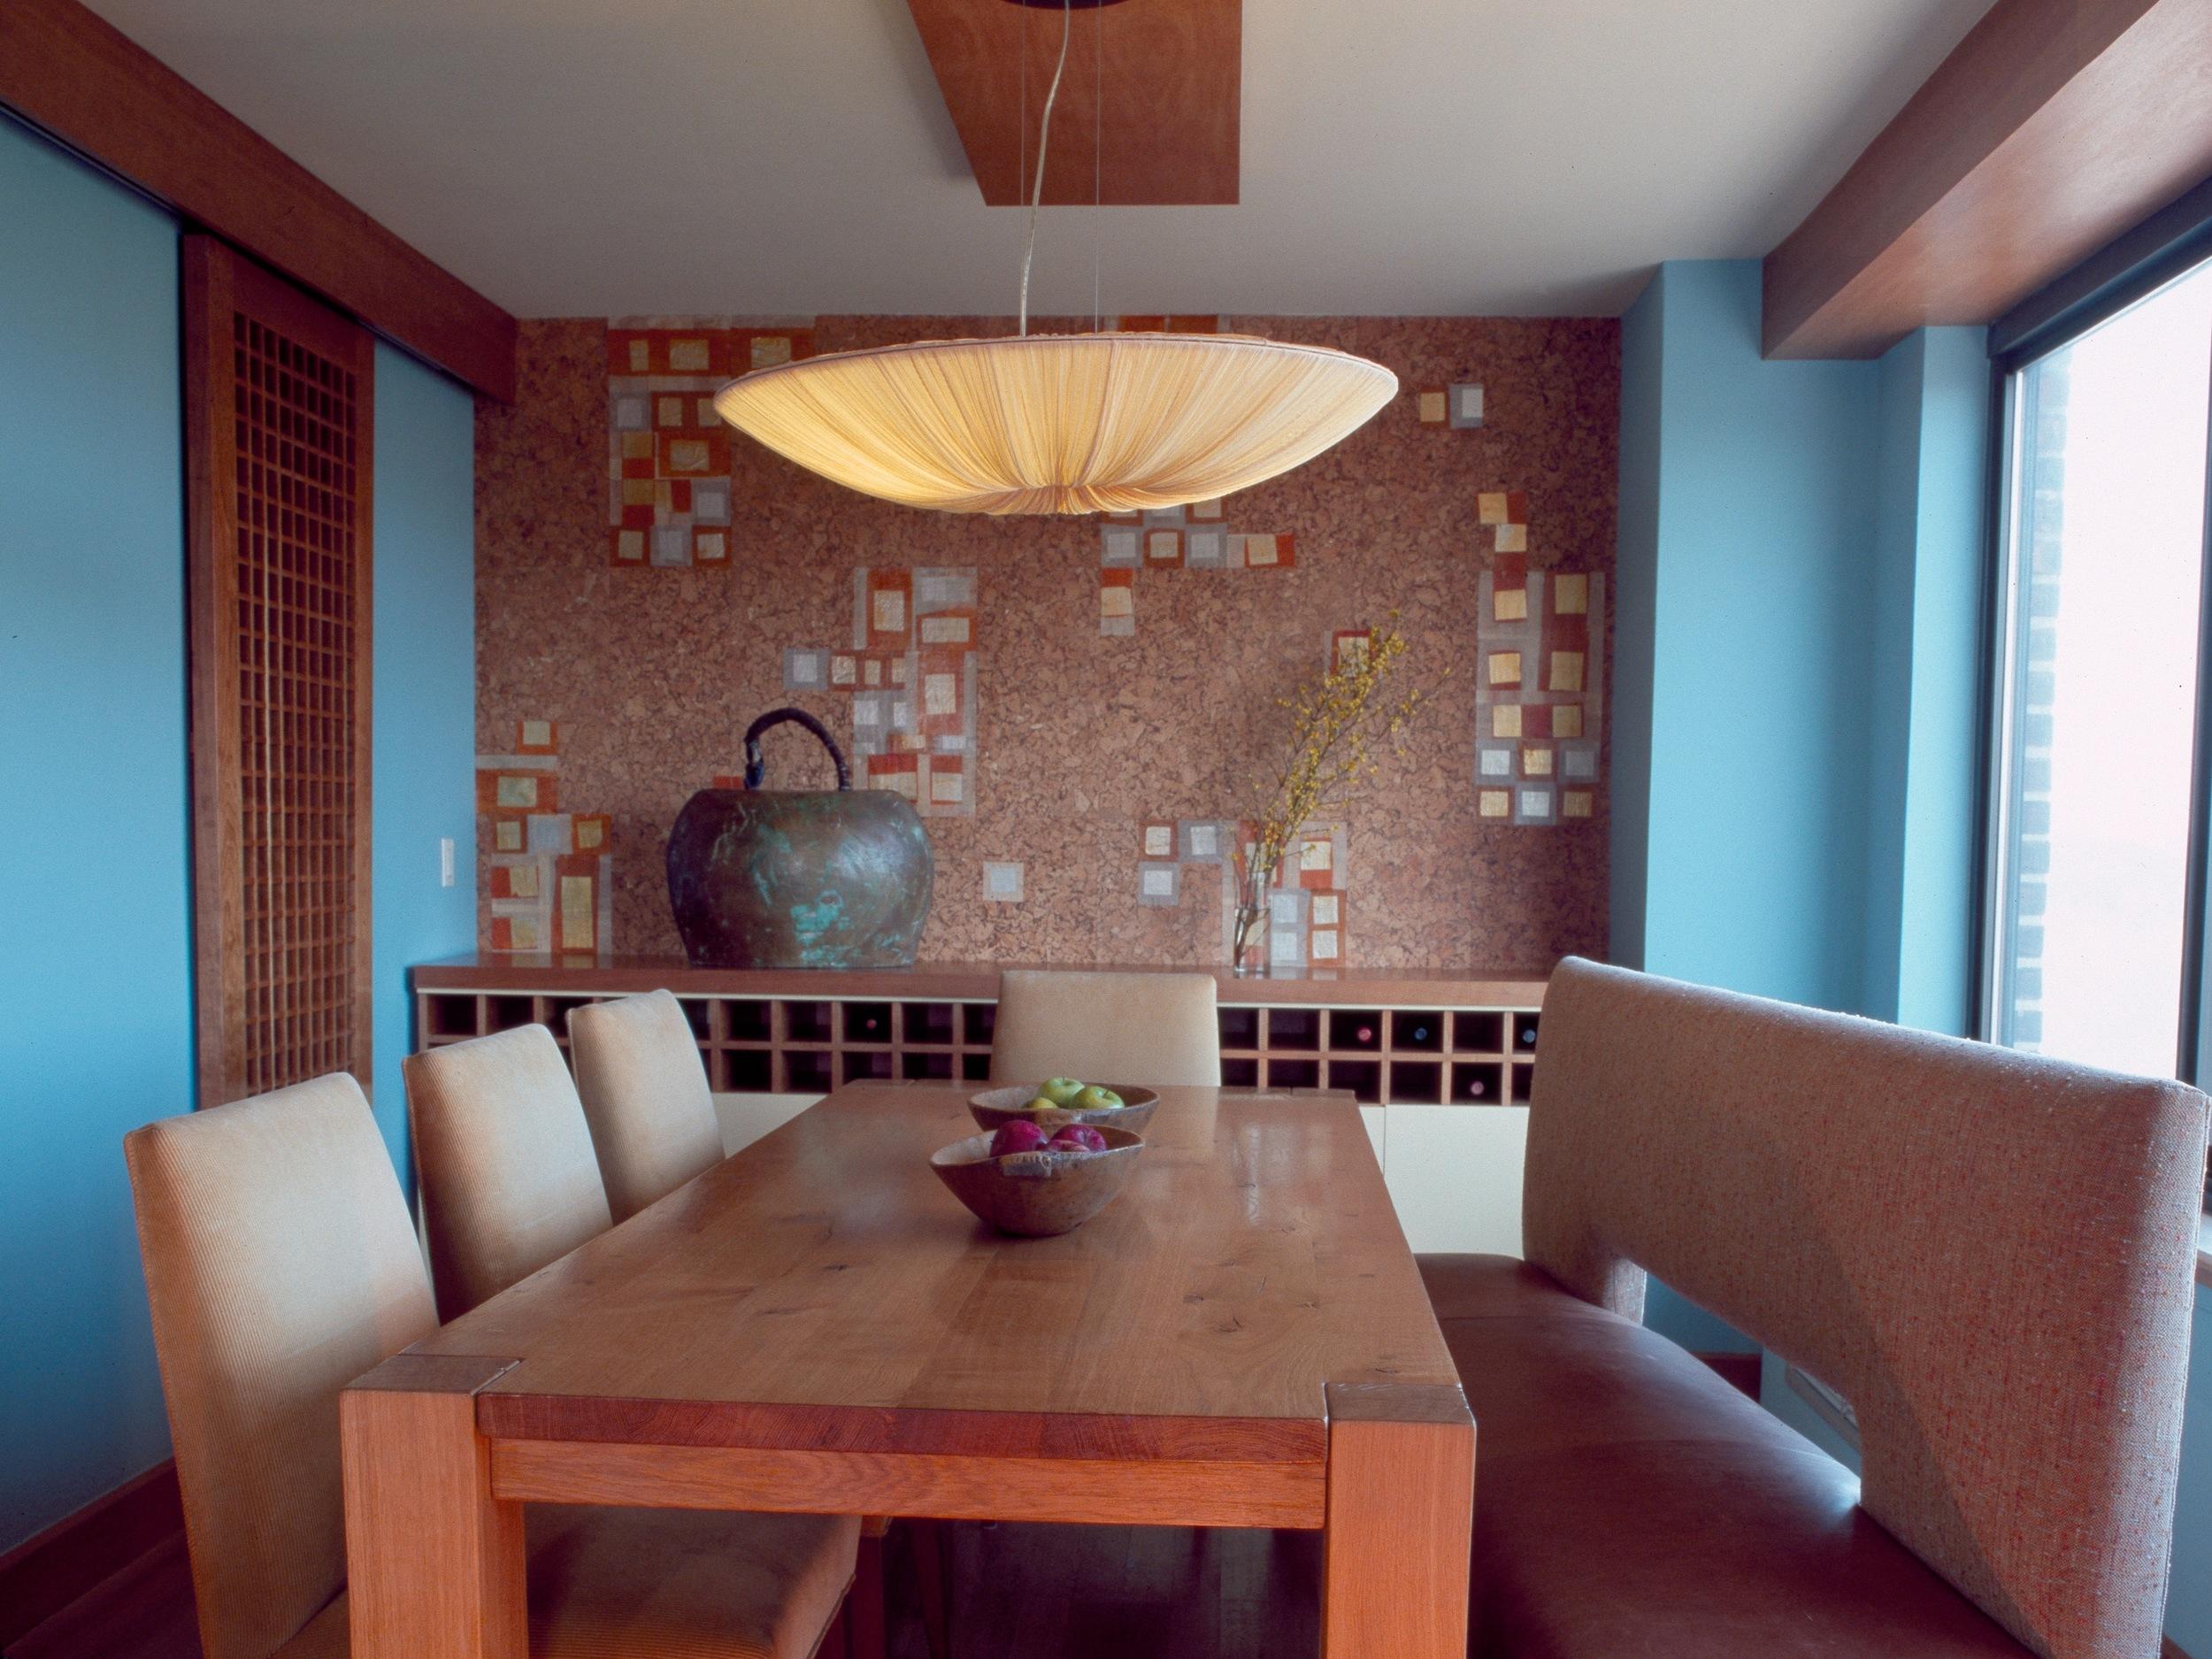 Dining Room Mural-UpperEastSide,NY.jpg